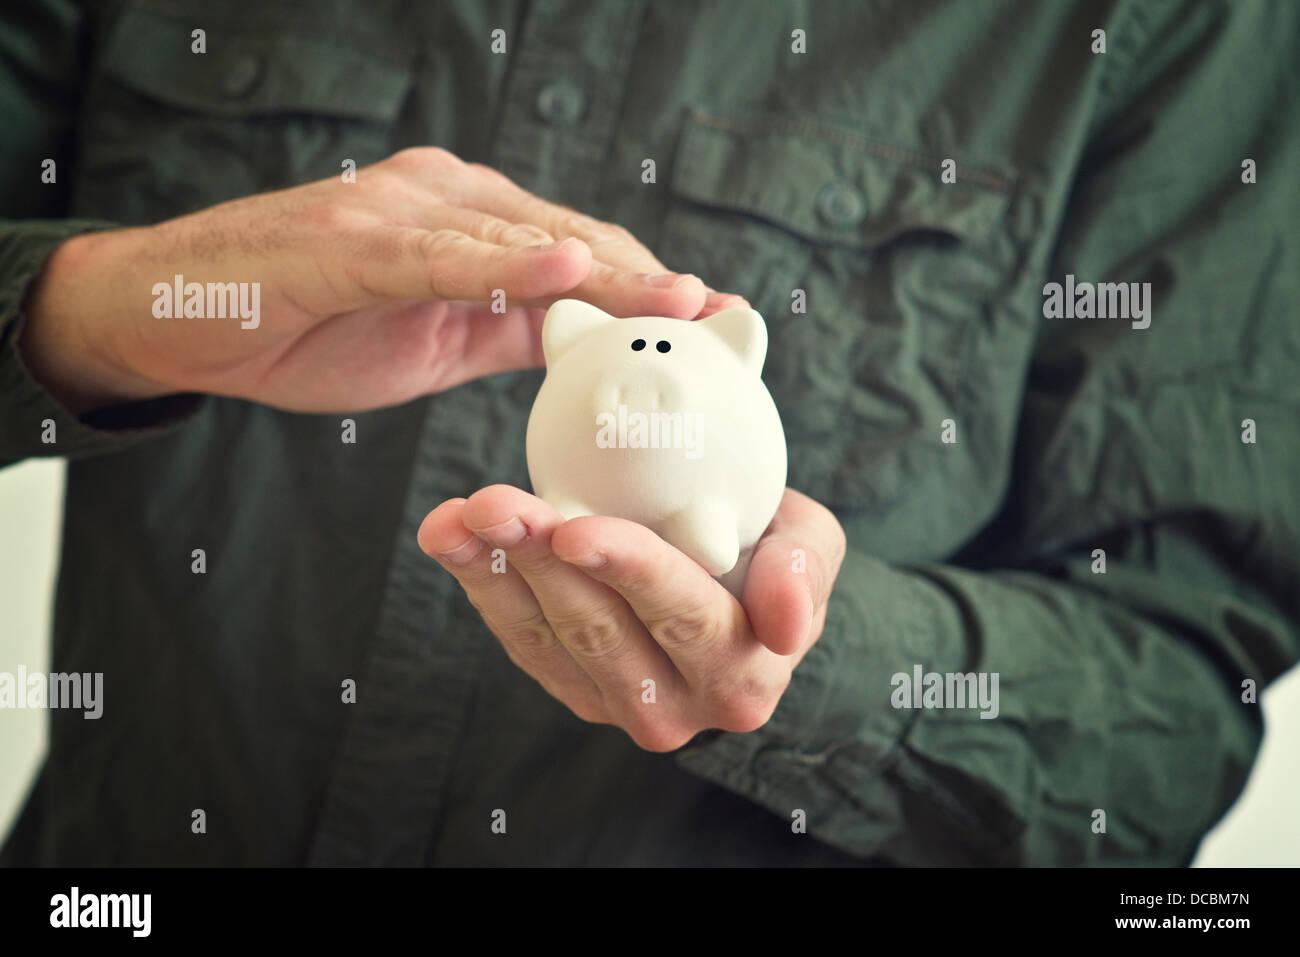 La mano di coccole white piggy coin banca con la paura di guardare nei suoi occhi. Immagini Stock